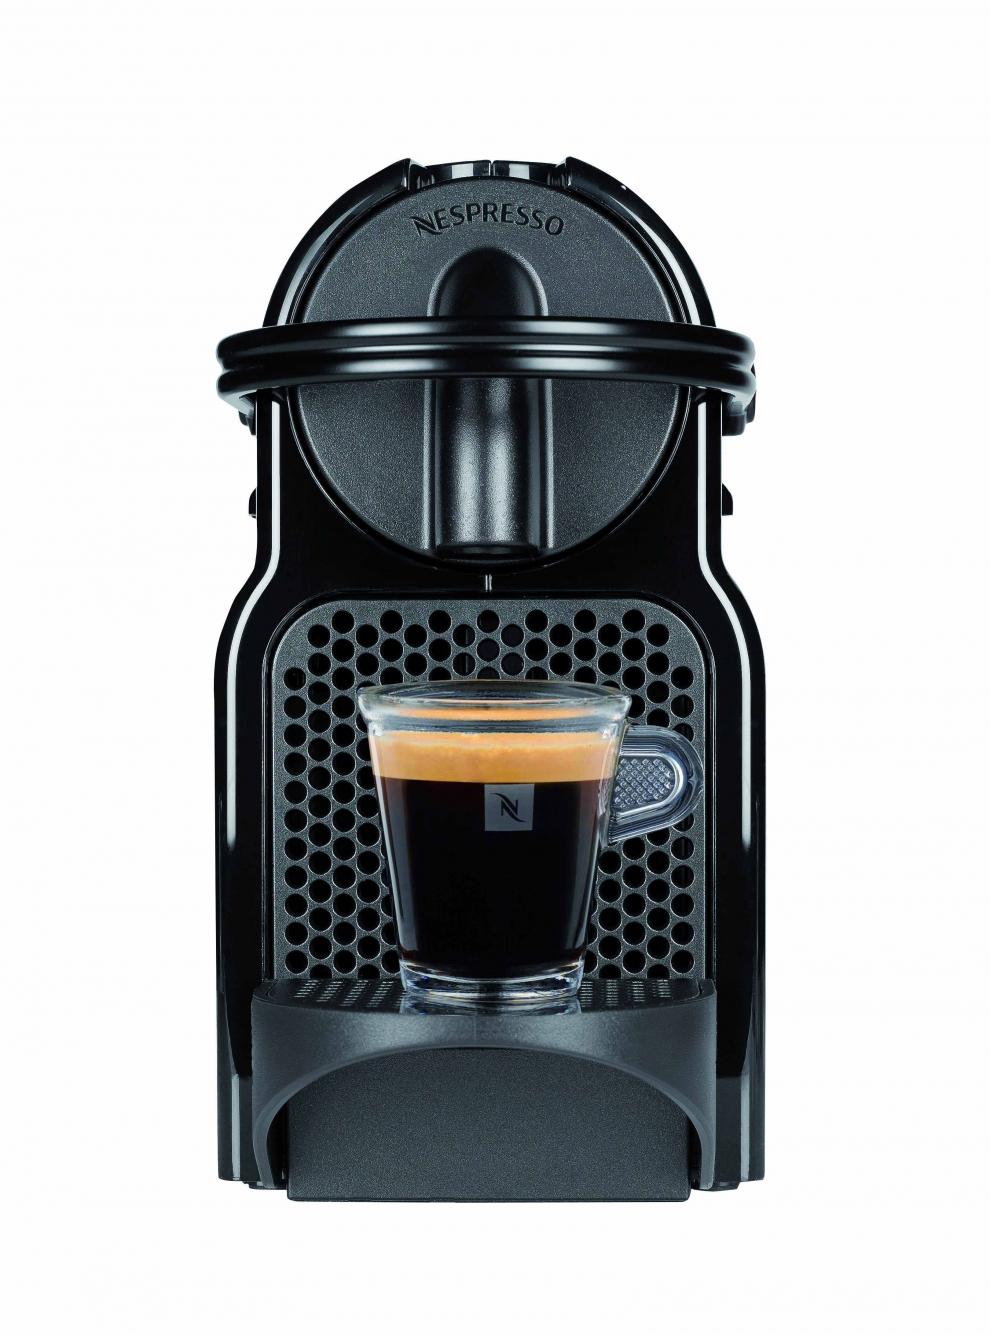 magimix nespresso m130 inissia noir magimix 11350 11350 achetez au meilleur prix chez. Black Bedroom Furniture Sets. Home Design Ideas